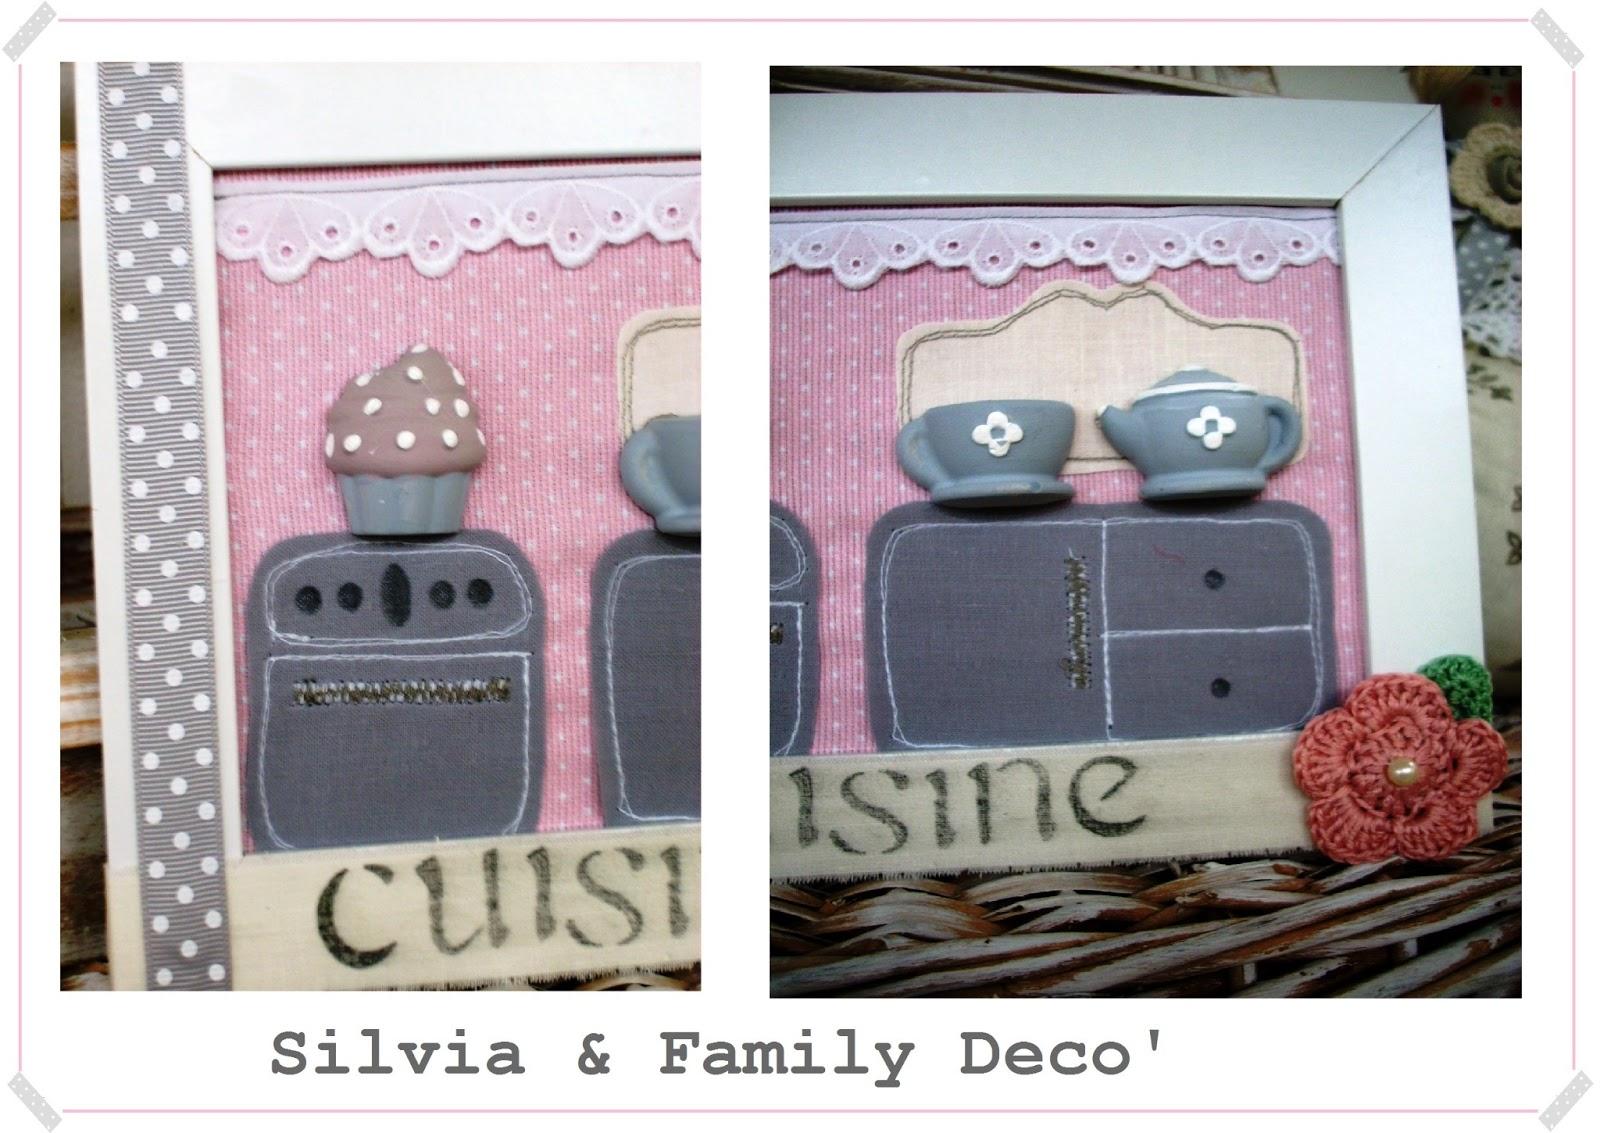 Silvia family dec quadretti per la cucina - Quadretti per cucina ...